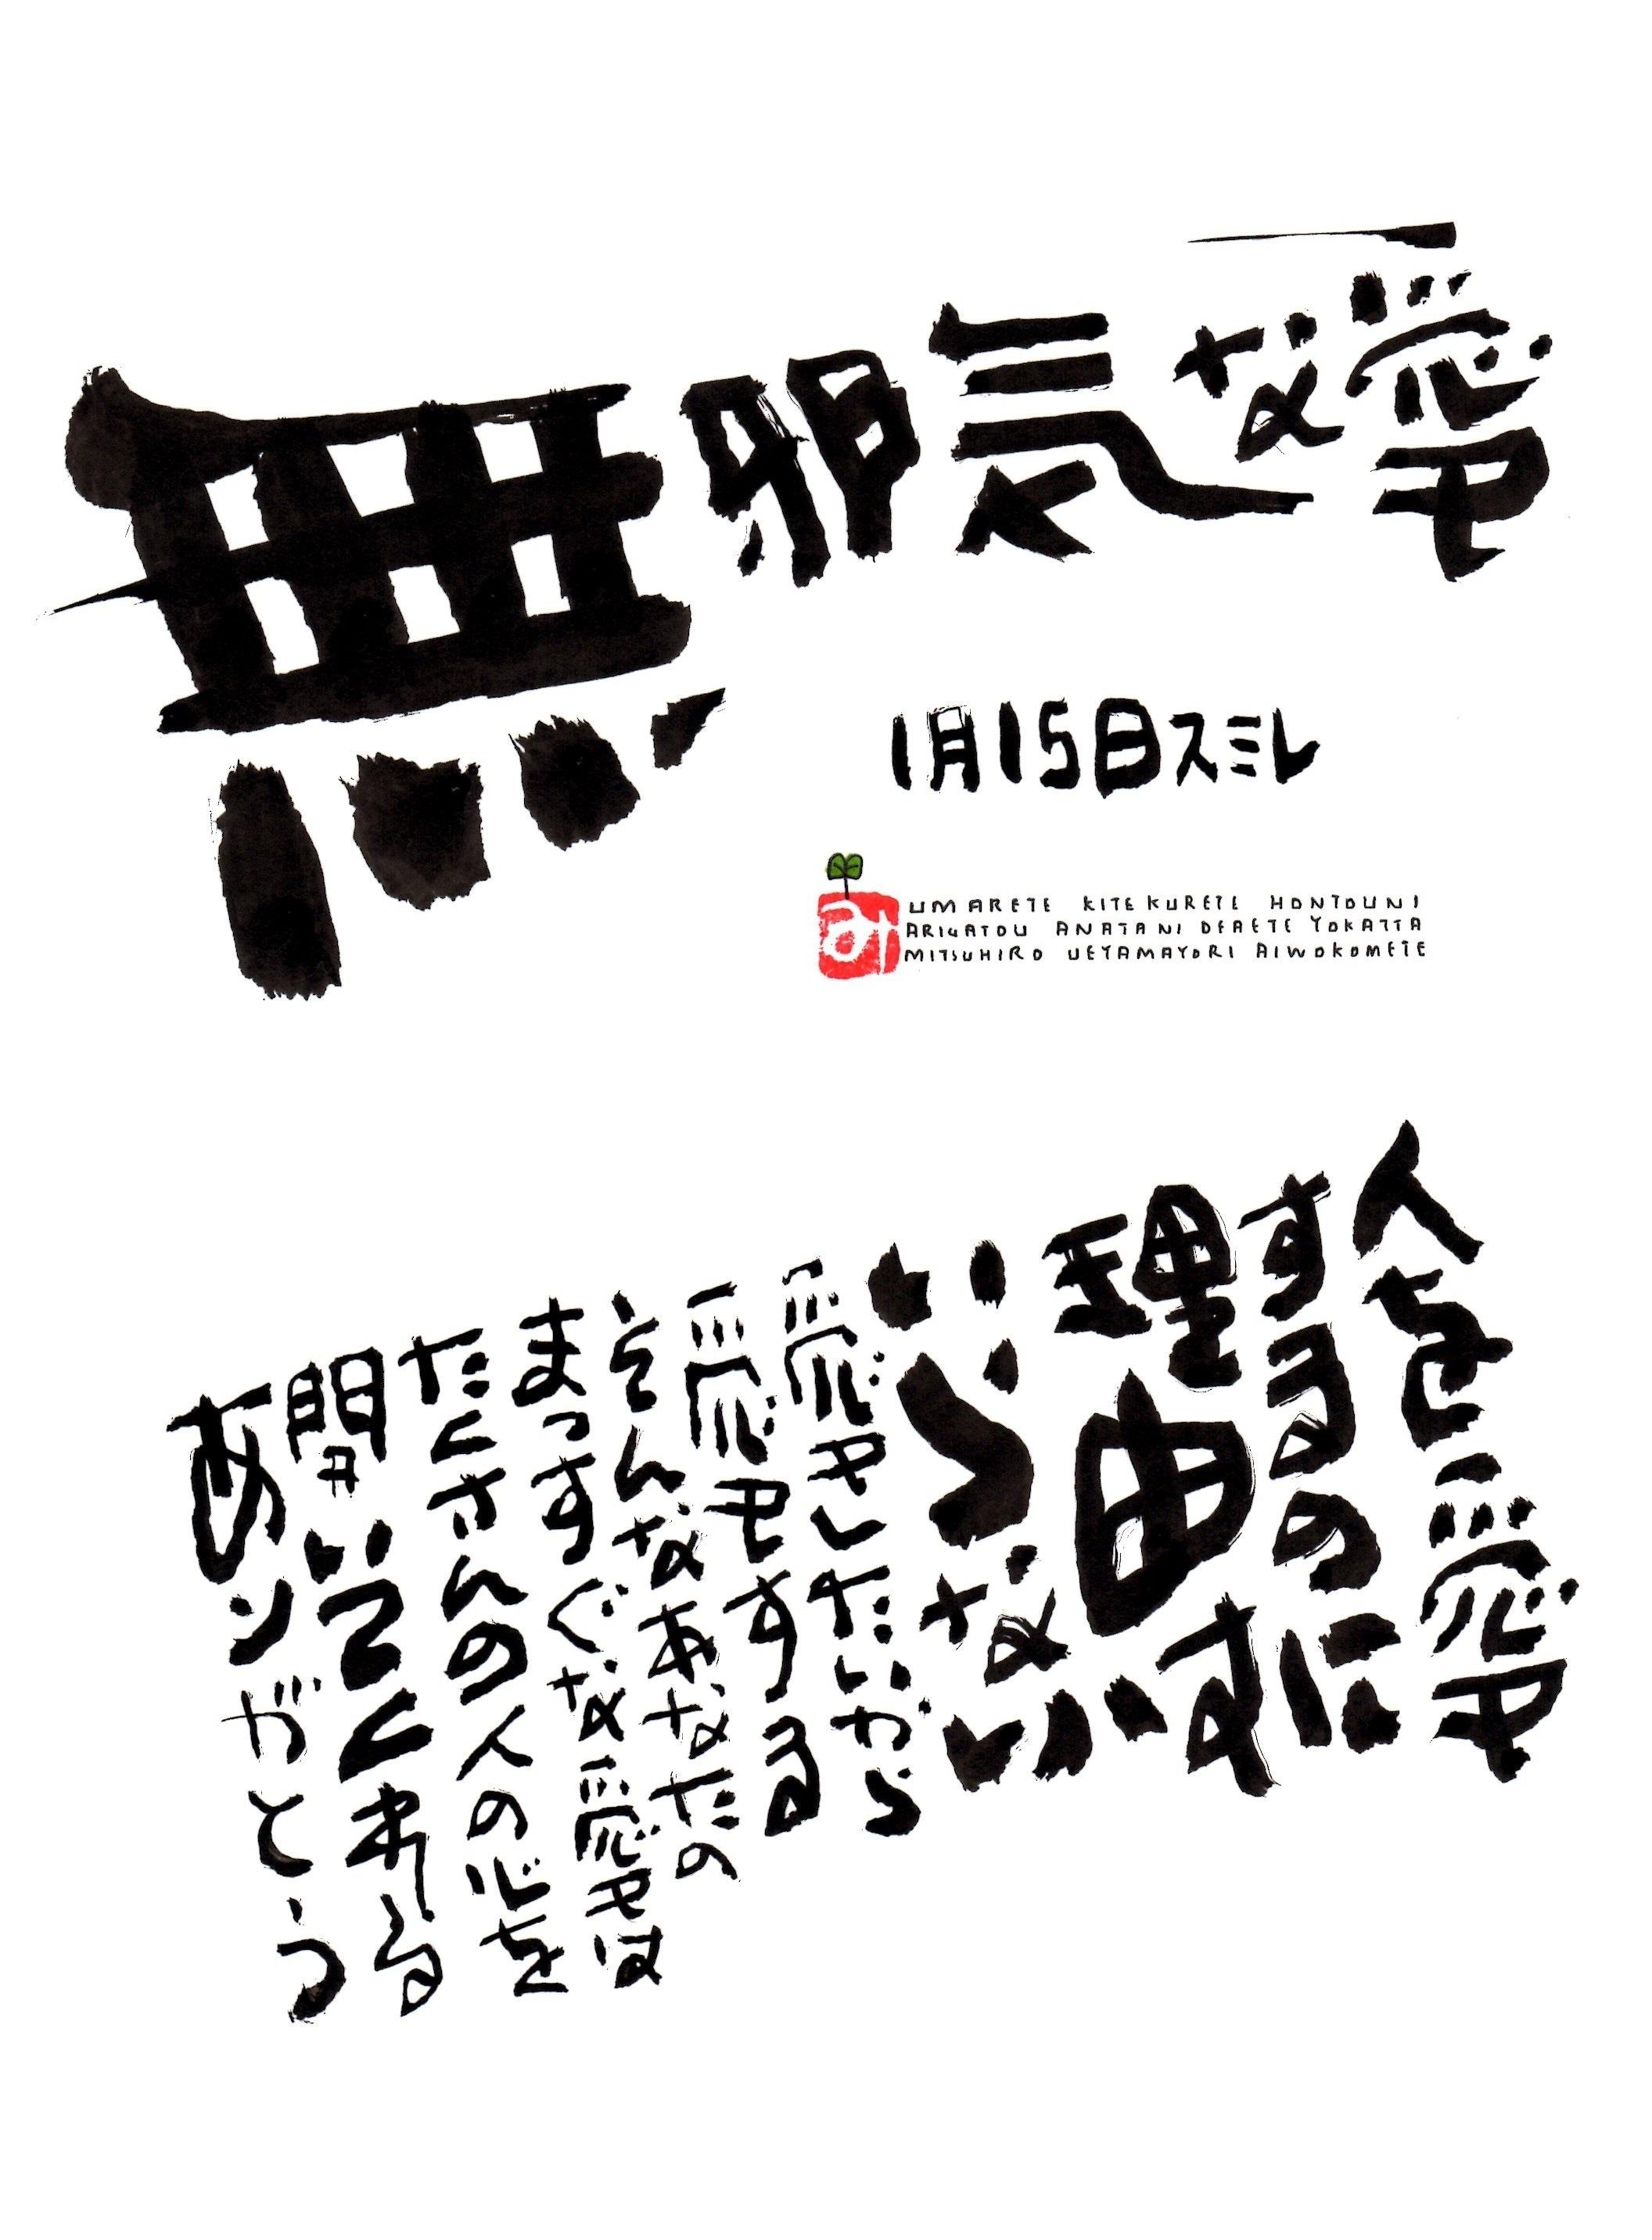 1月15日 誕生日ポストカード【無邪気な愛】Innocent love